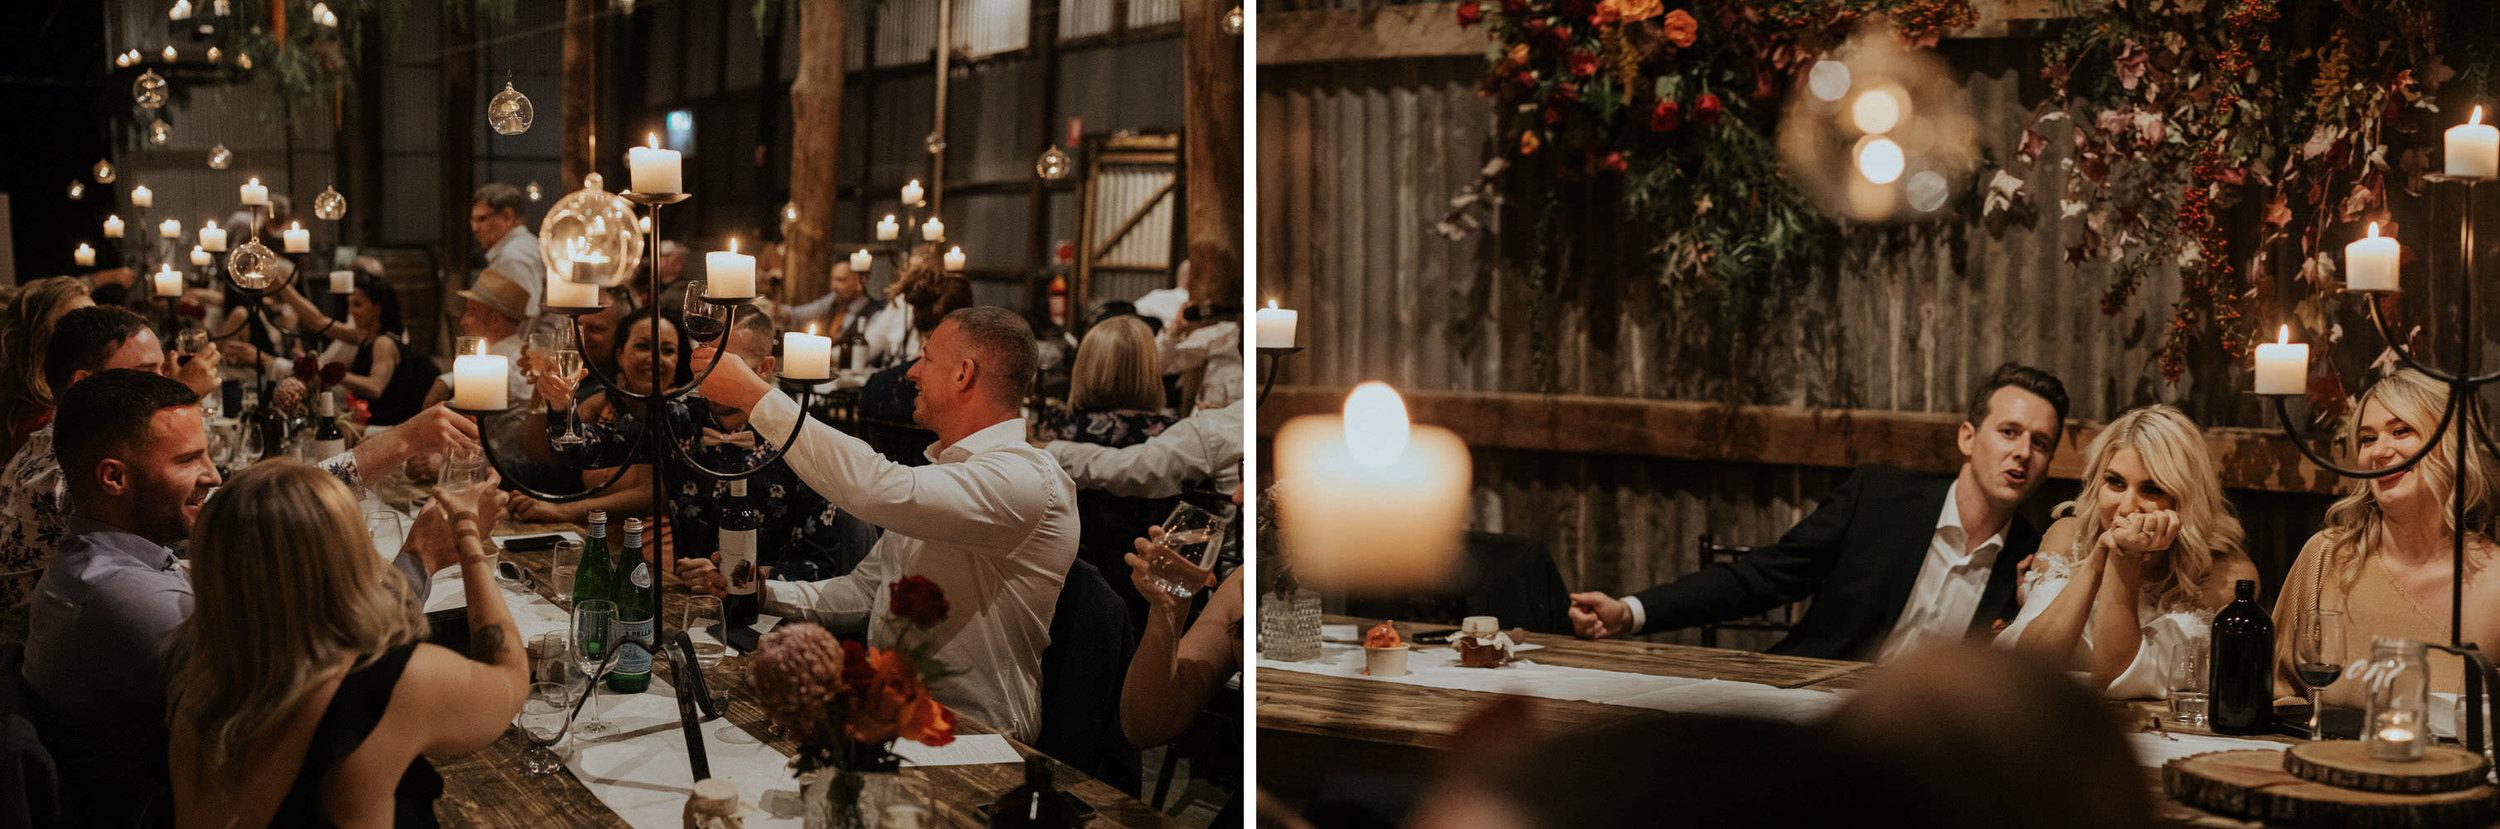 kimo-estate-wedding-photography-105.jpg